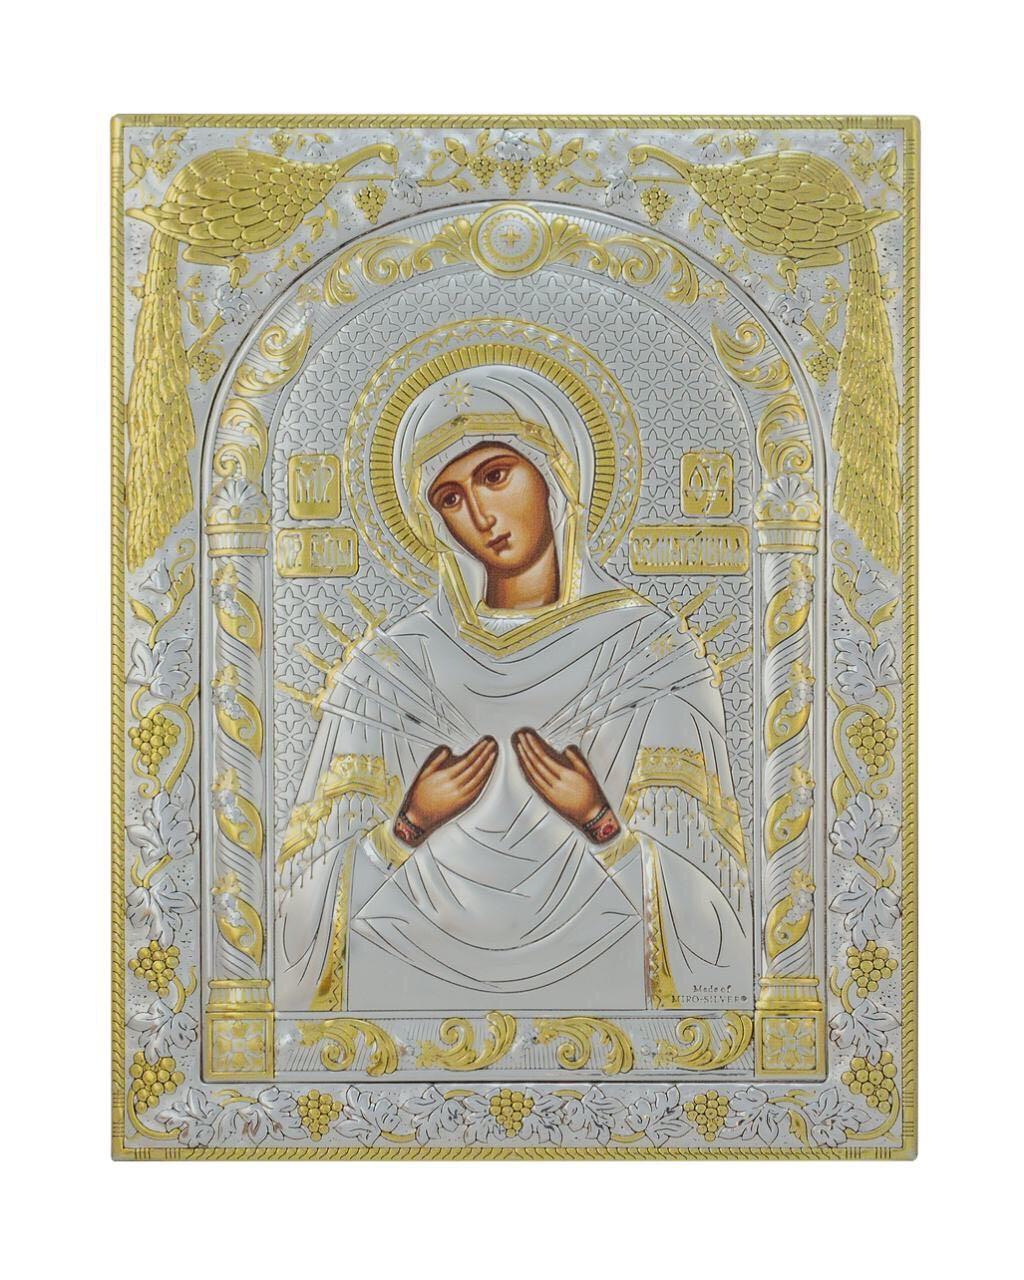 Семистрельная икона Божьей Матери  175 мм х 225 мм серебряная с позолотой